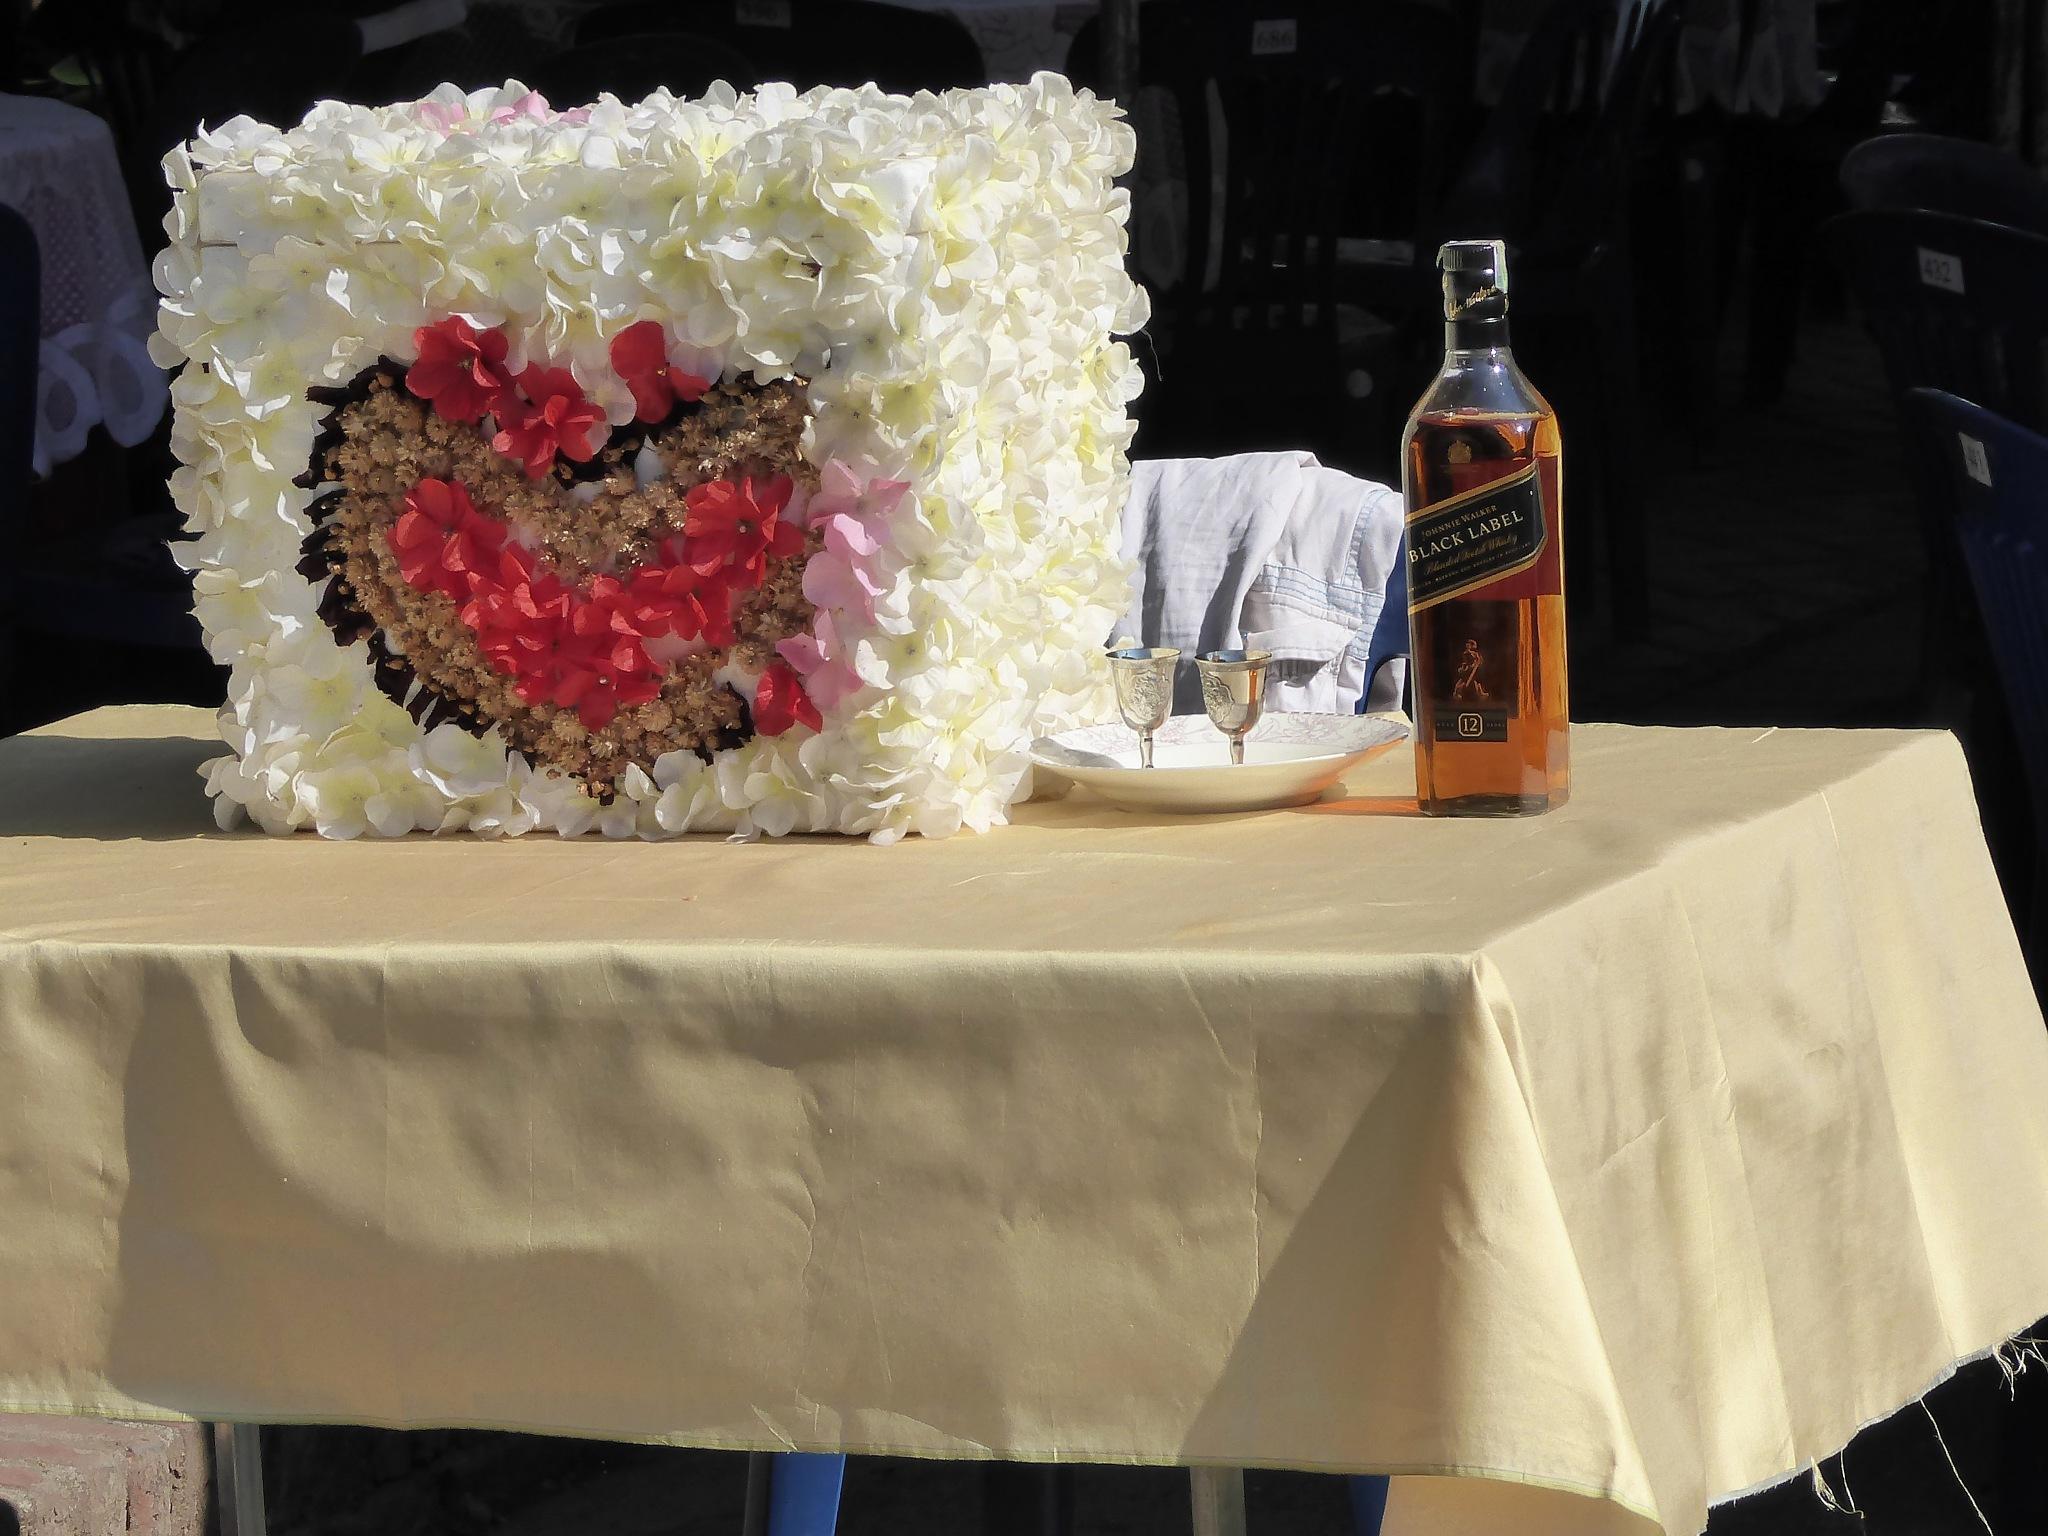 preparing a weddingcelebration by TonC